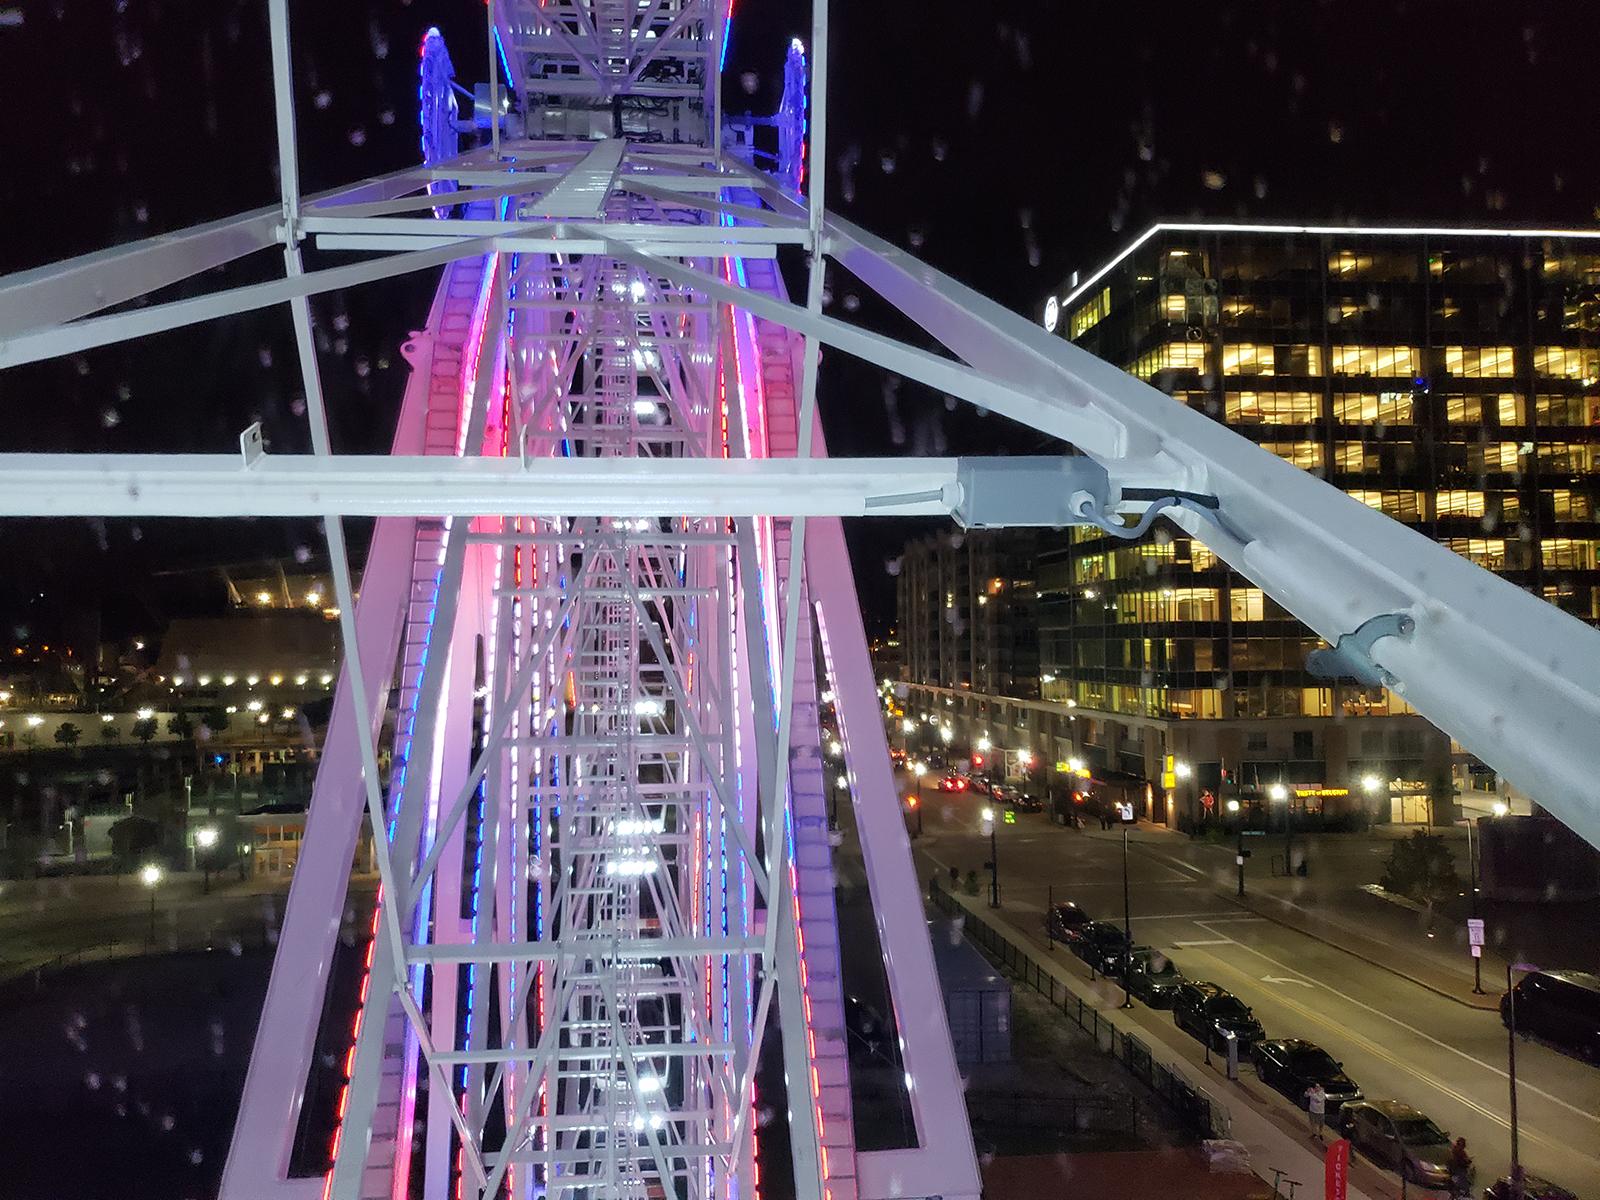 Skystar Wheel opens on Freedom Way